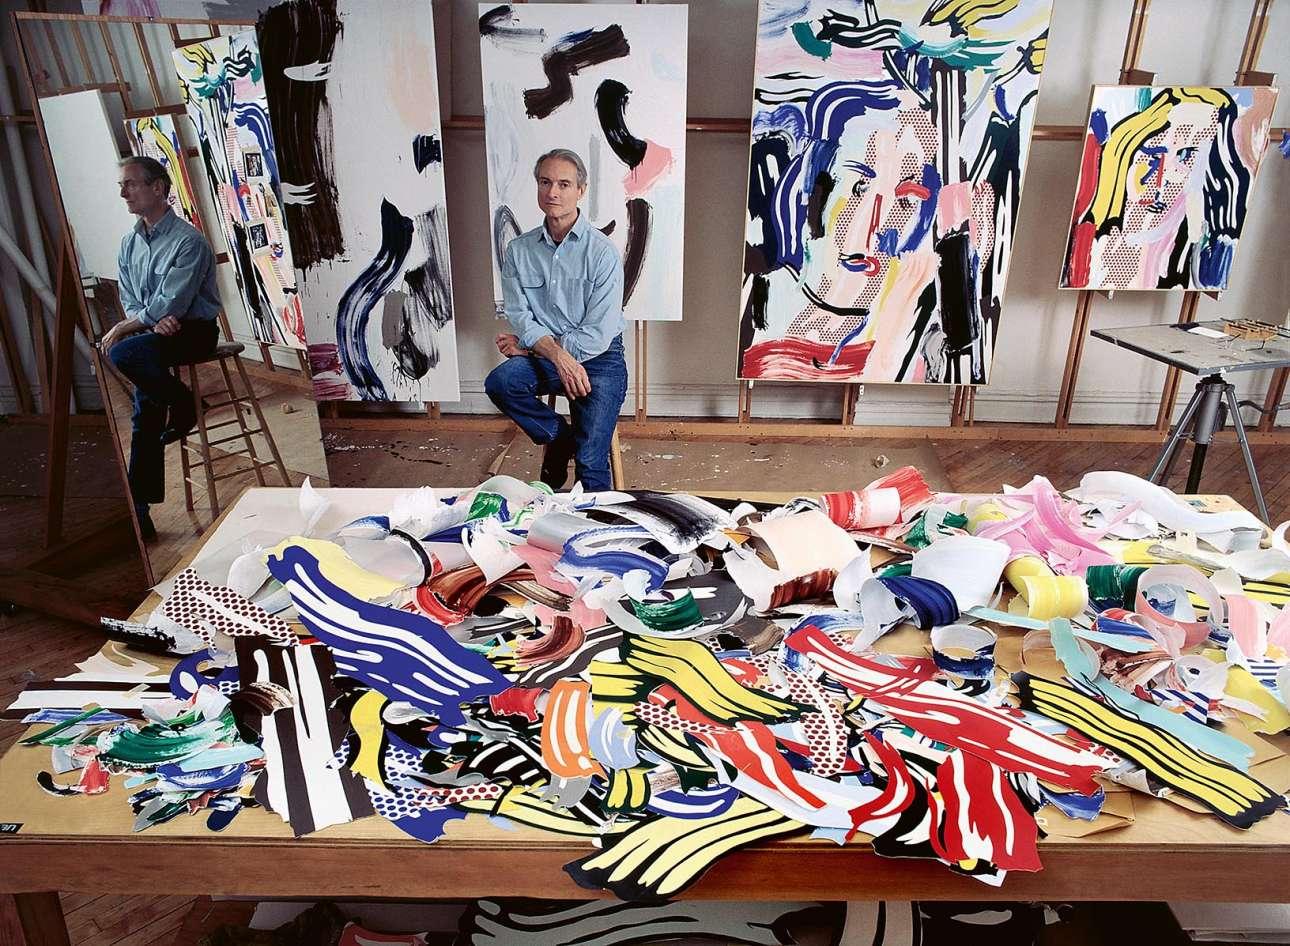 Ο αμερικανός καλλιτέχνης της Ποπ Αρτ Ρόι Λίχτενσταϊν ποζάρει ανάμεσα στα χαρακτηριστικά έργα του που θυμίζουν κόμικ, στο Μανχάταν το 1986